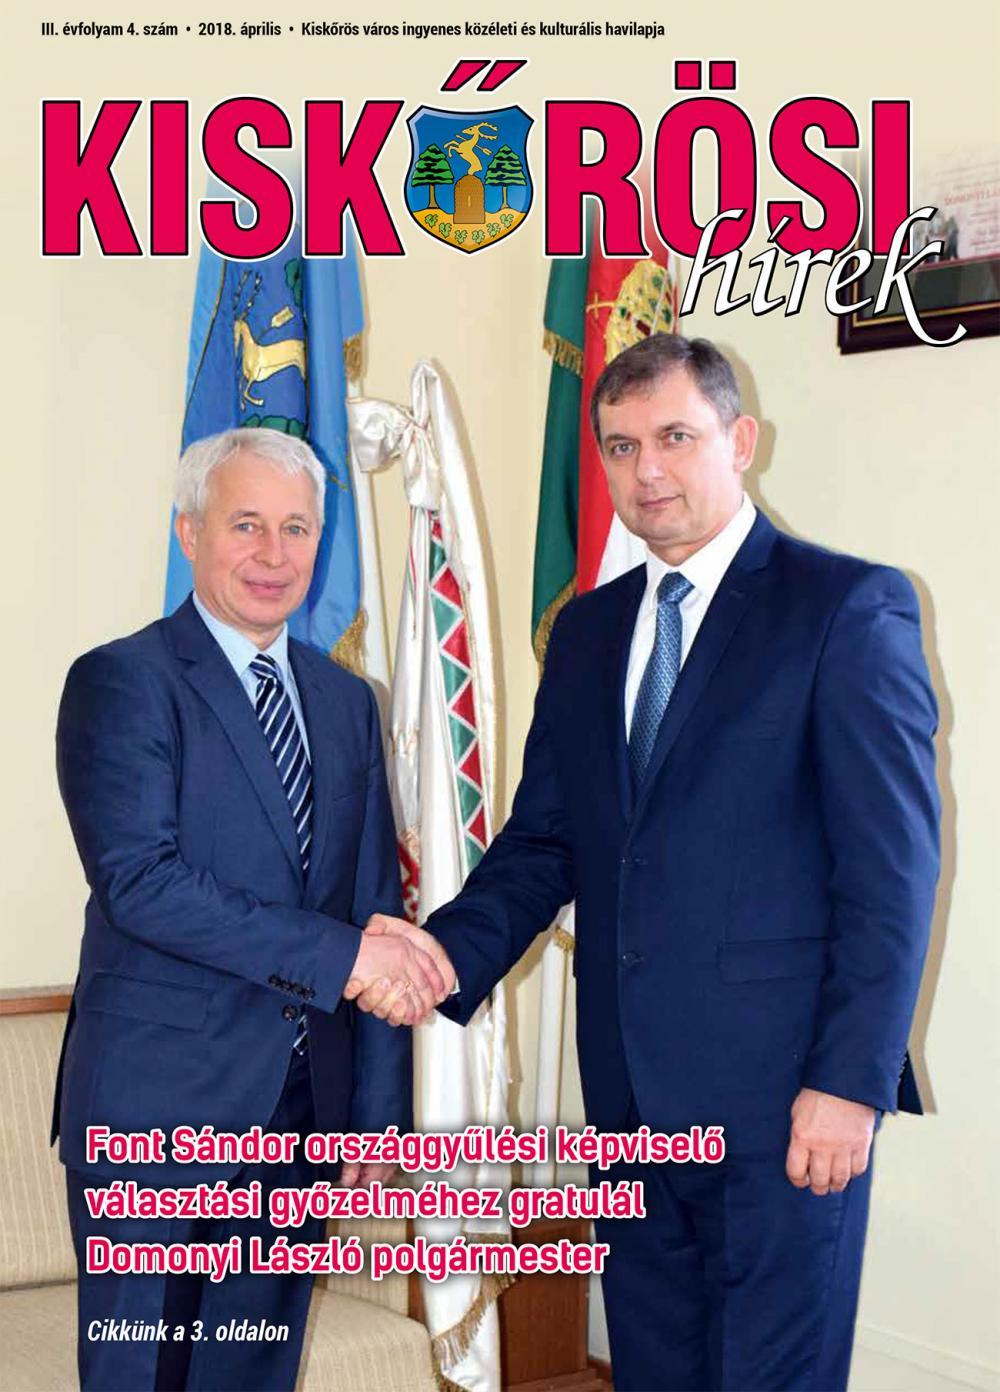 Kiskőrösi Hírek - 2018. áprilisi szám